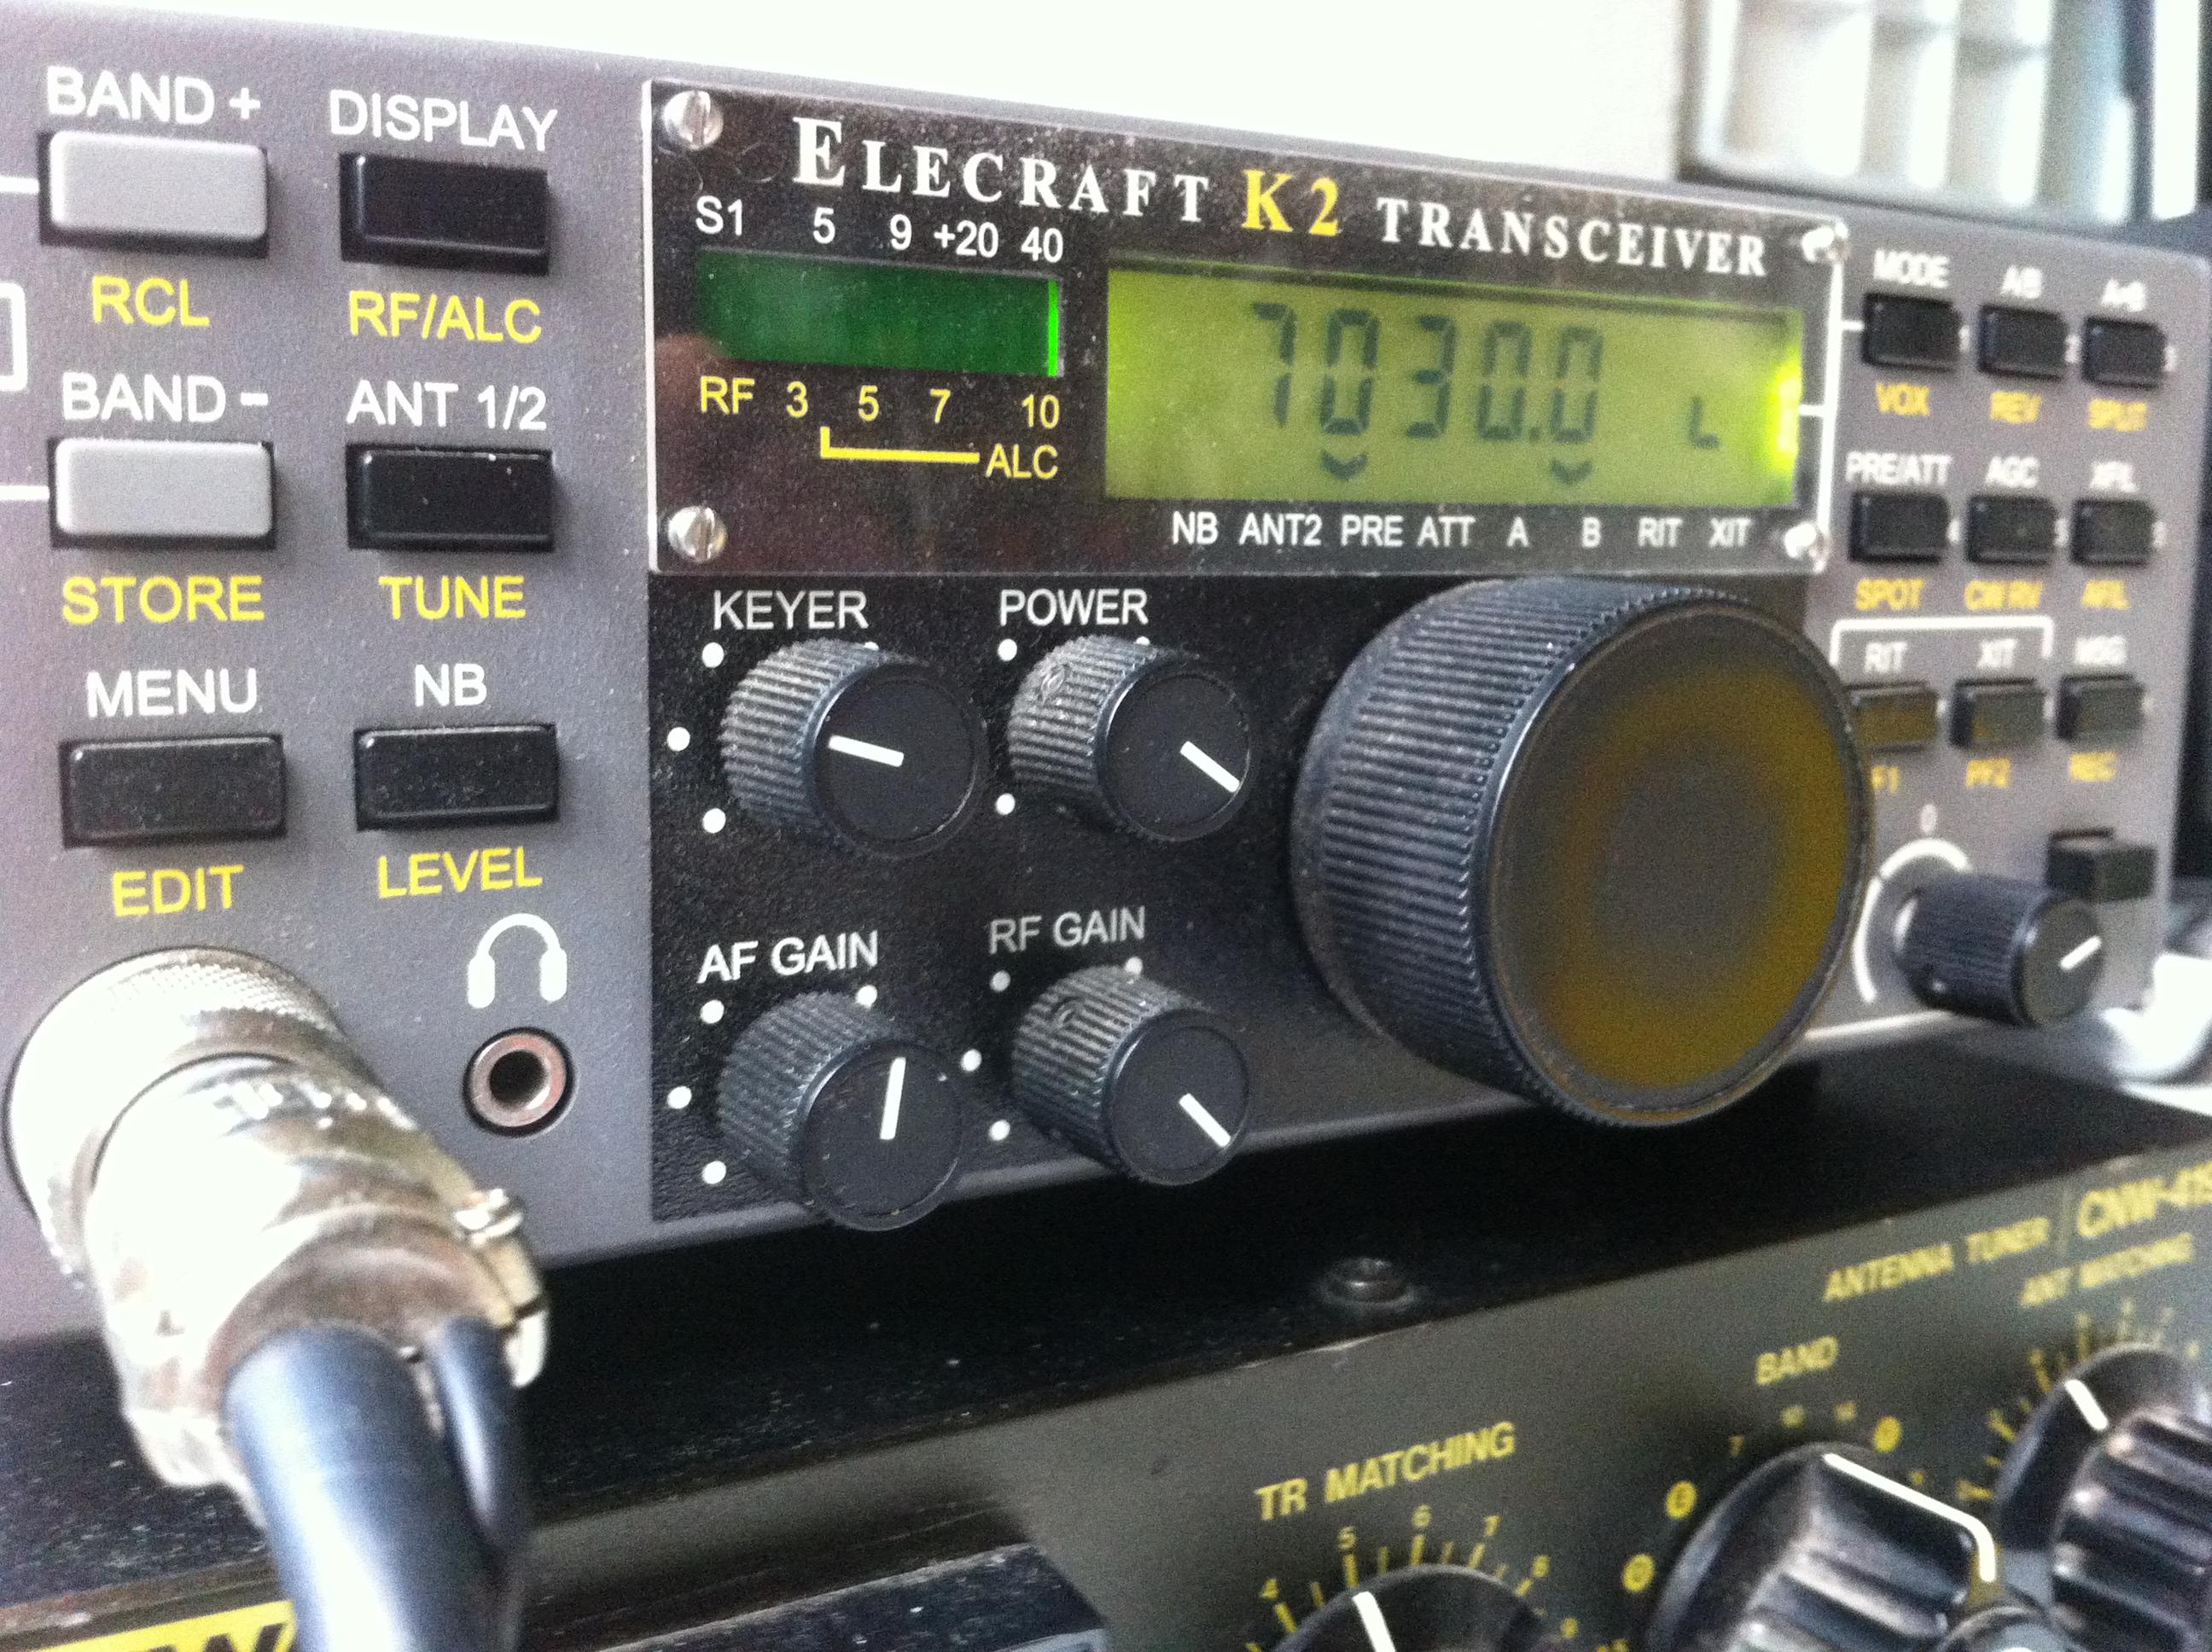 Elecraft | F6HOY